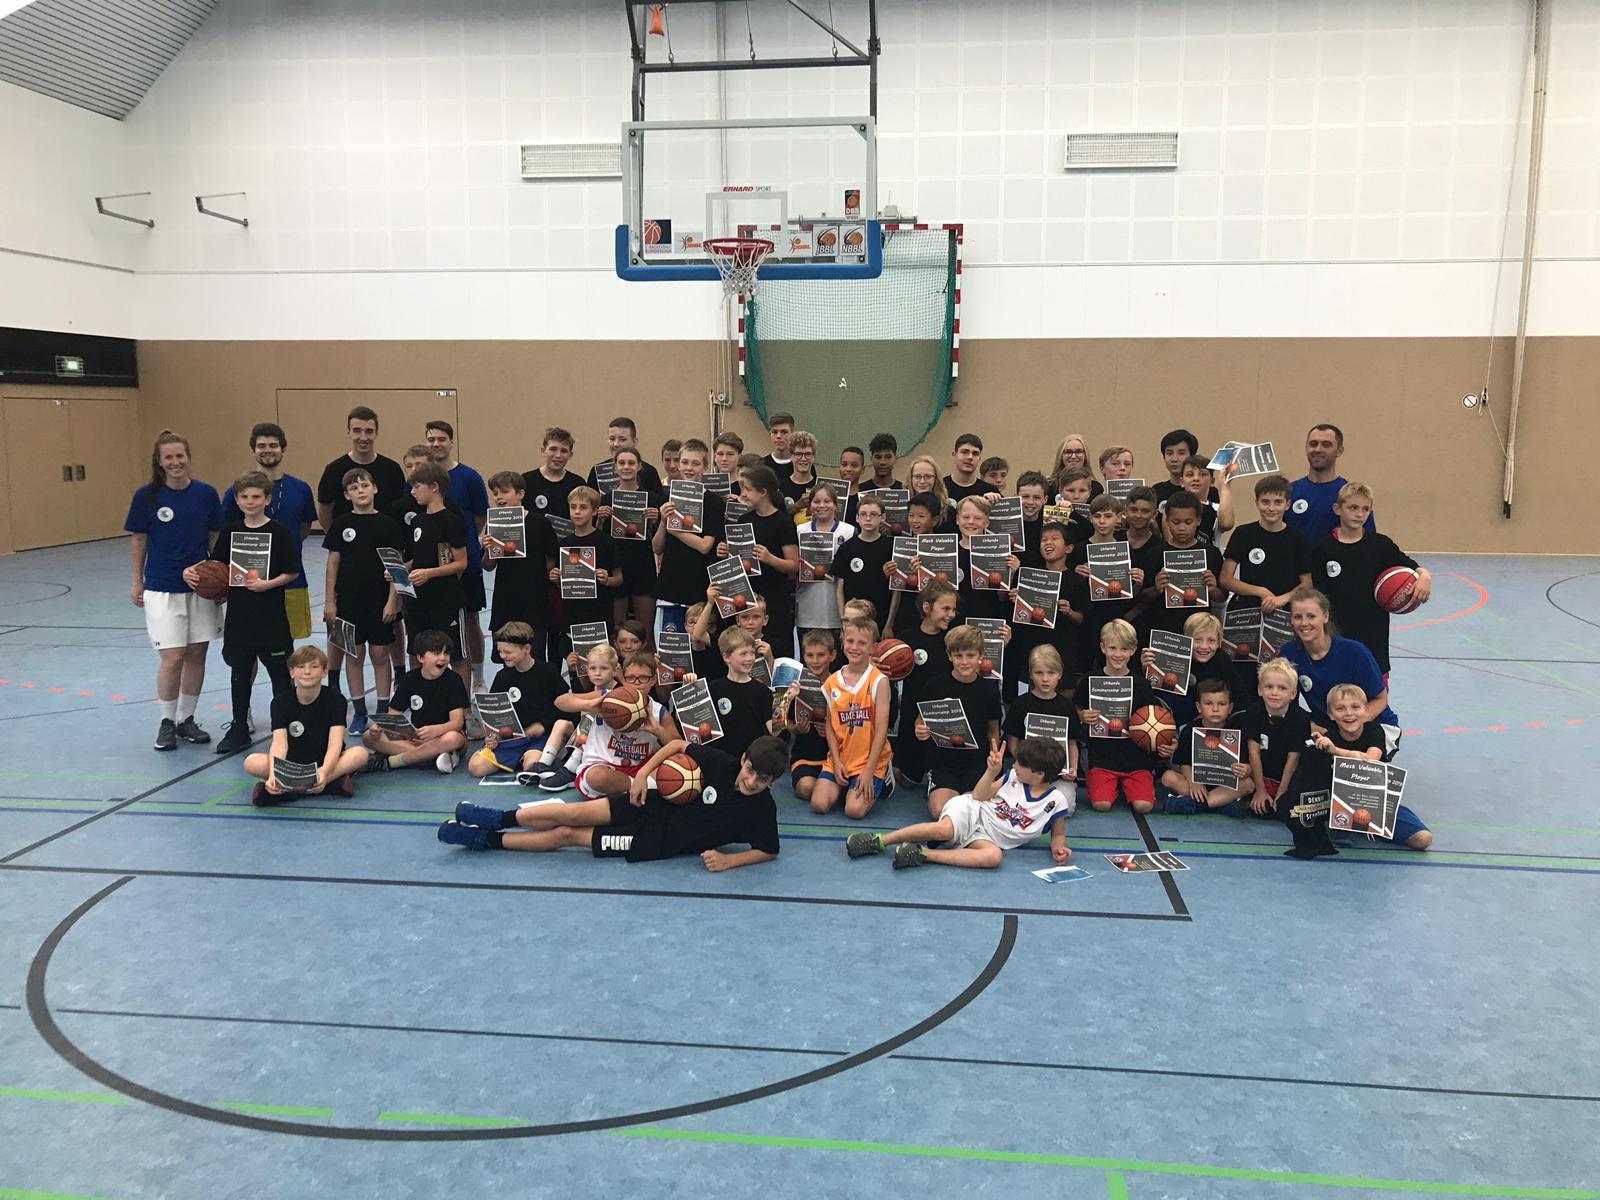 Gelungenes Basketballcamp in den Sommerferien